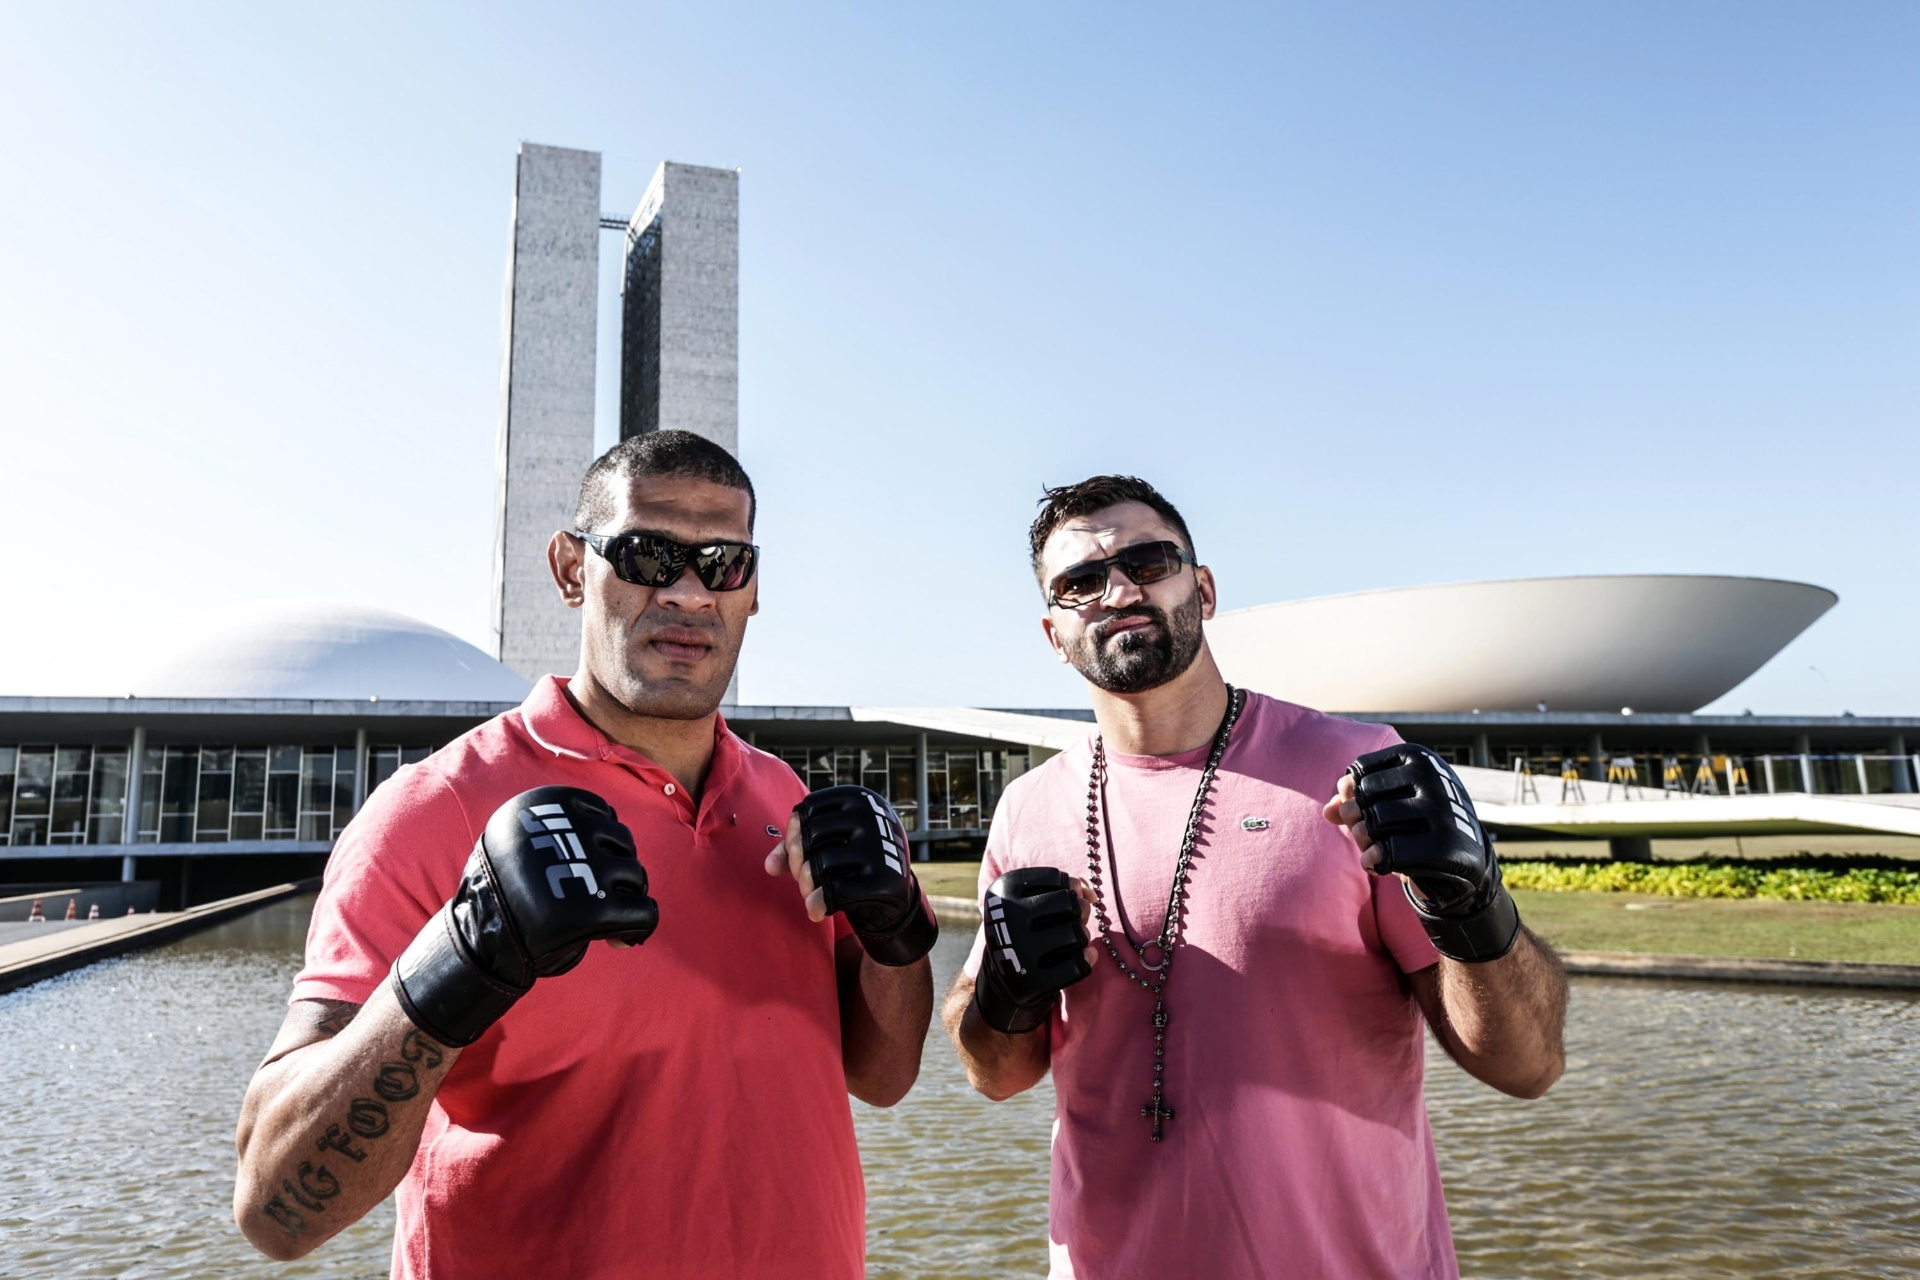 Pezão e Andrei Arlovski posam em frente ao Congresso Nacional antes de se enfrentarem em uma luta de pesos pesados no UFC de Brasília, em 13 de setembro